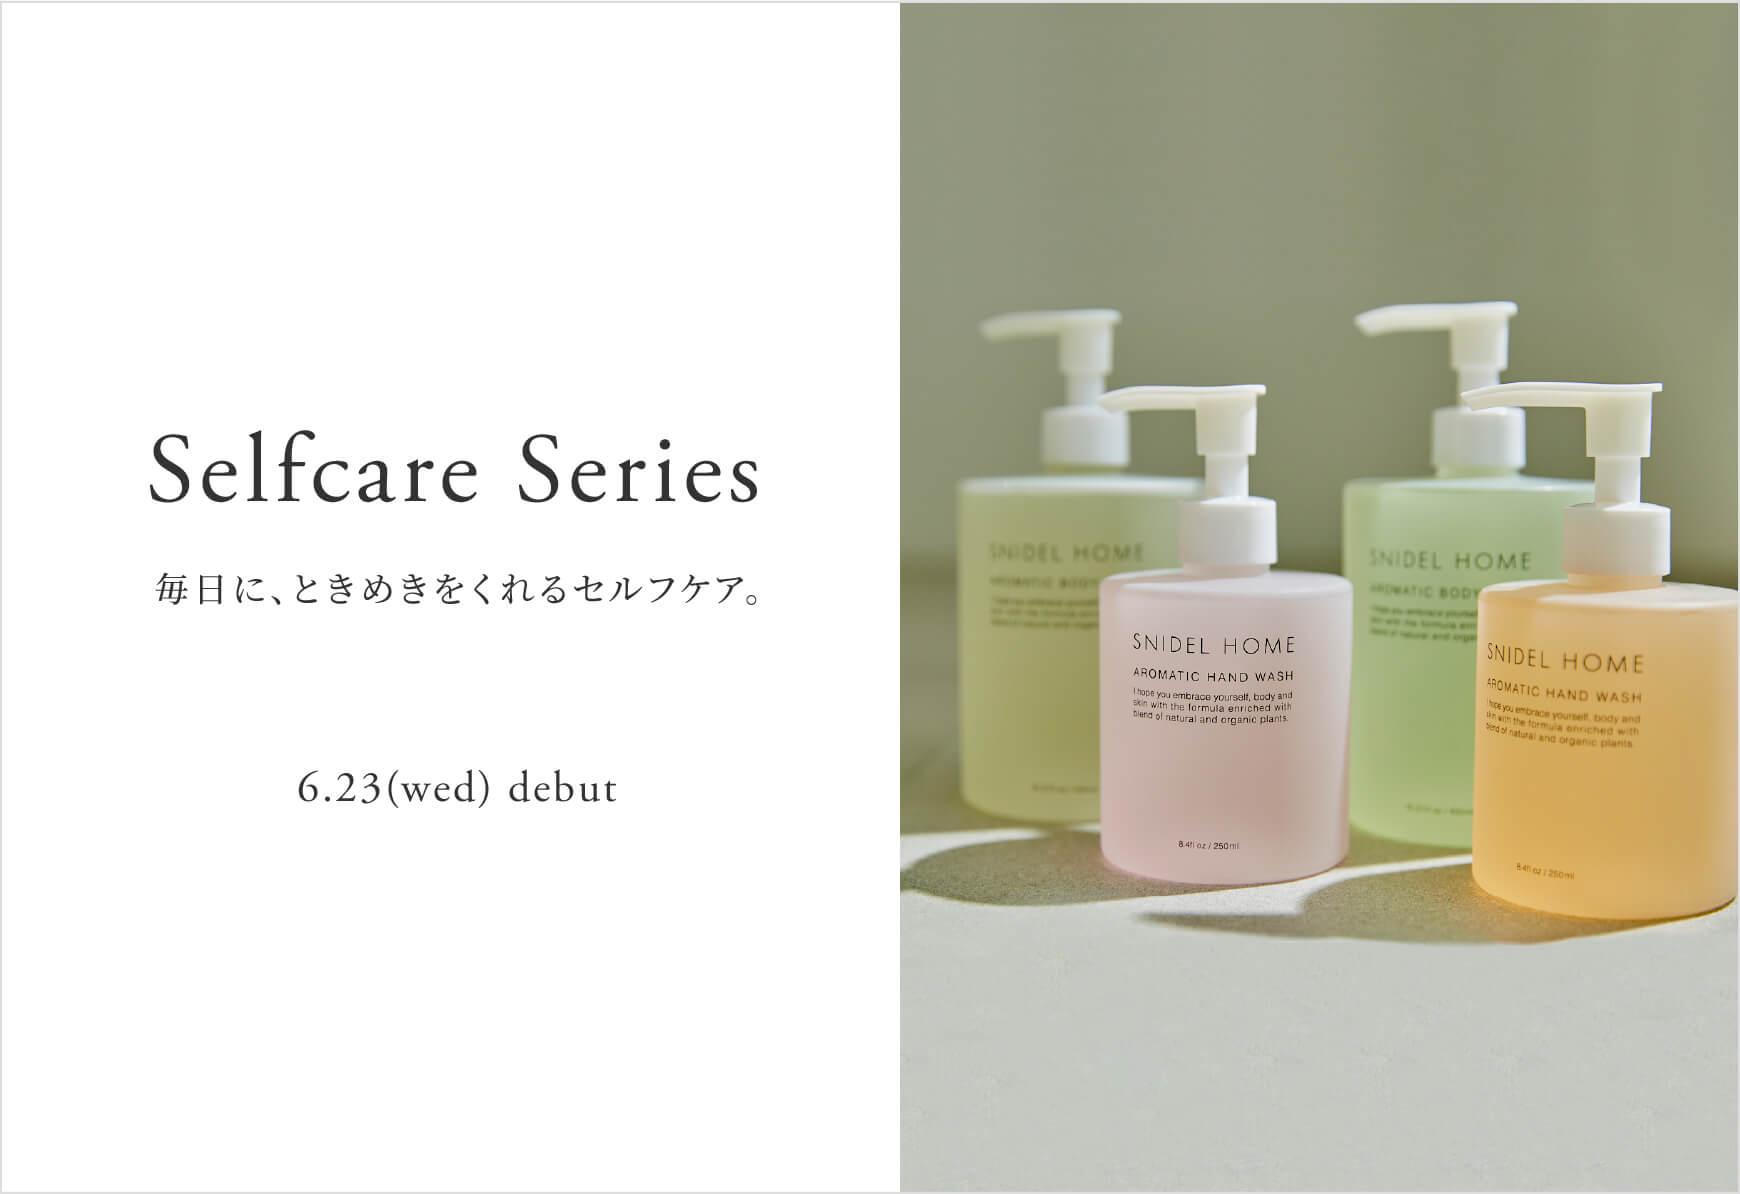 Selfcare Series 毎日に、ときめきをくれるセルフケア。